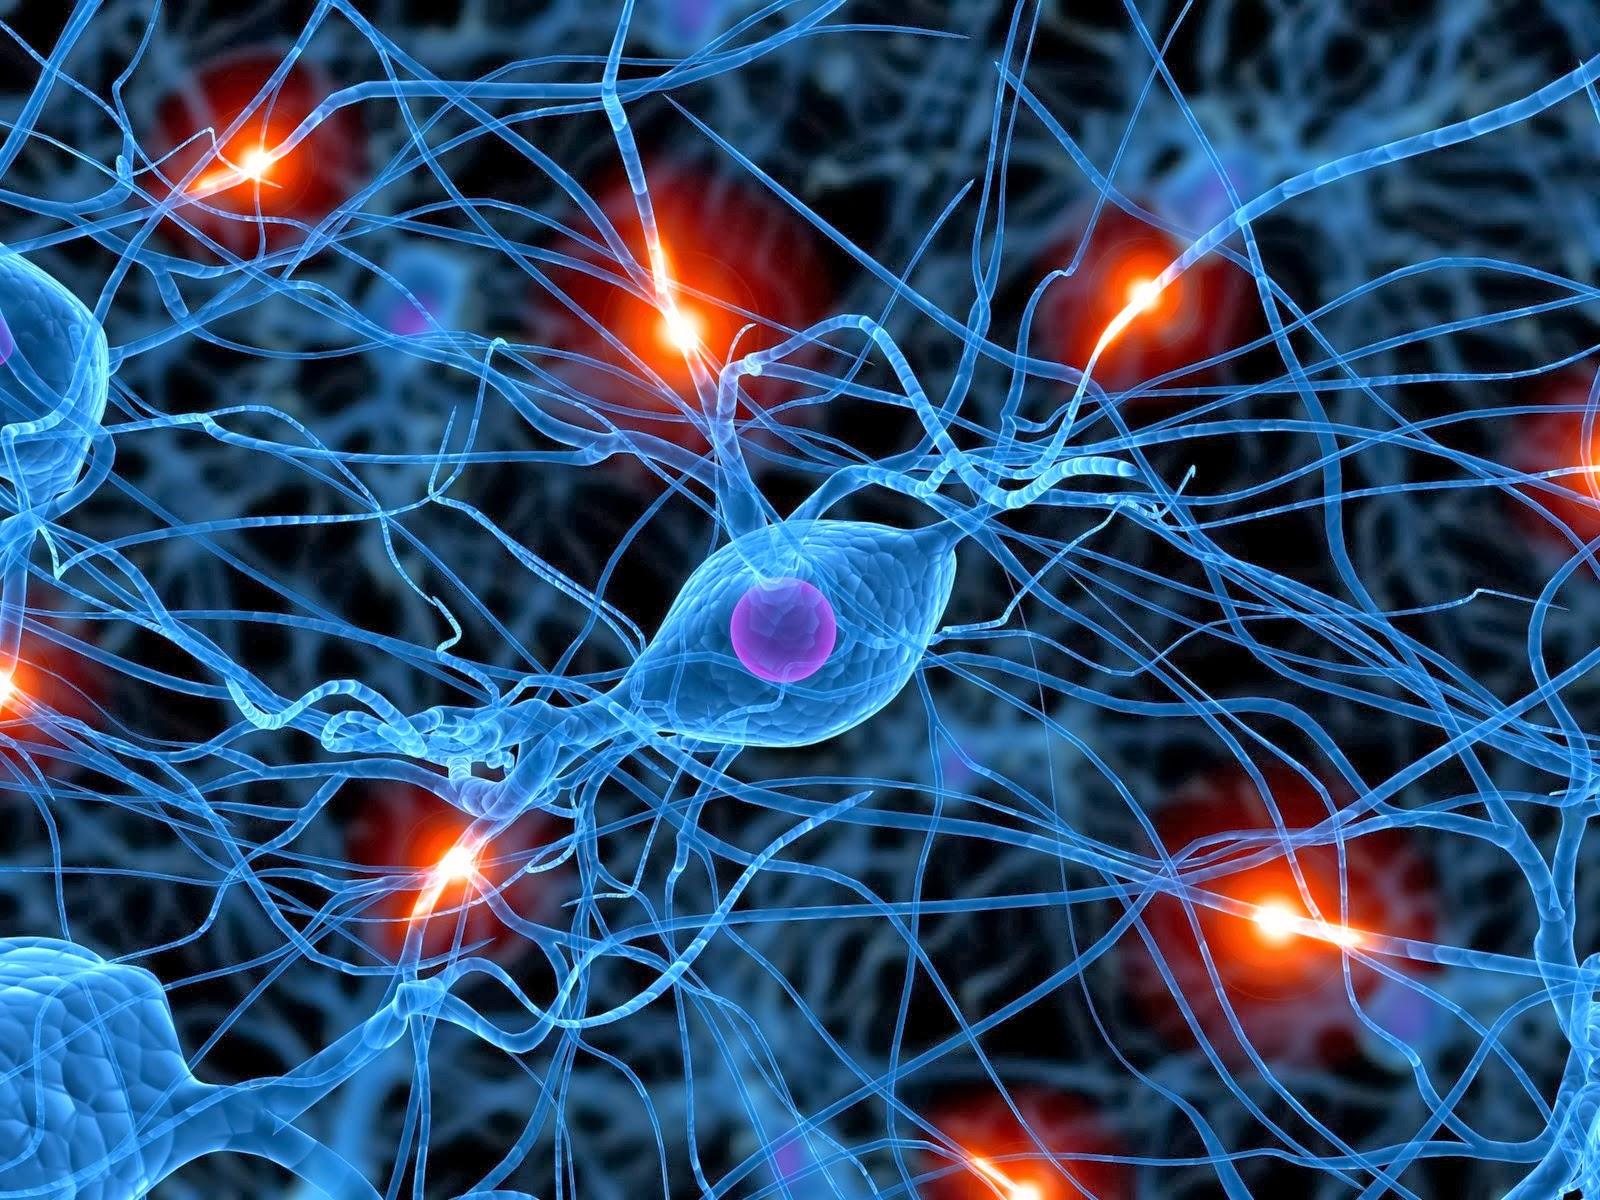 brain neuron wallpaper download - photo #16